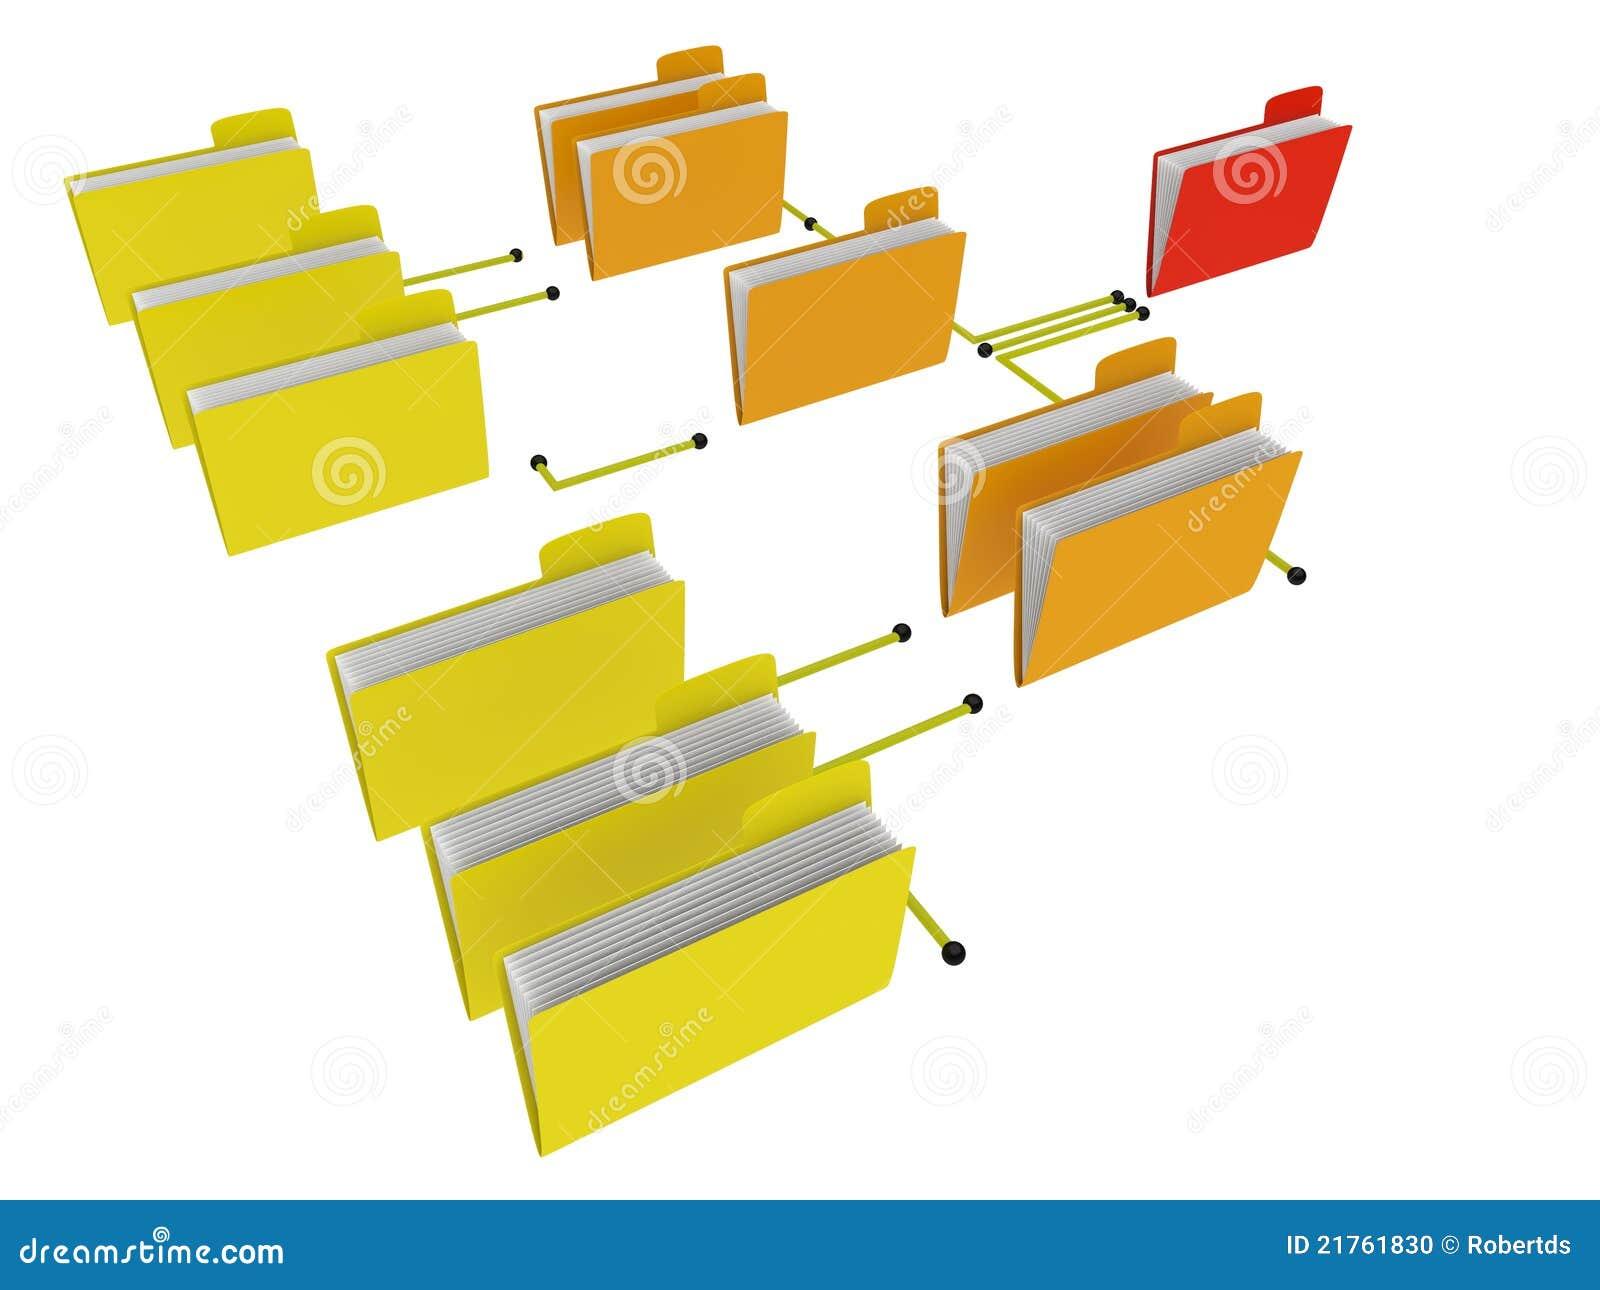 Folders hierarchy